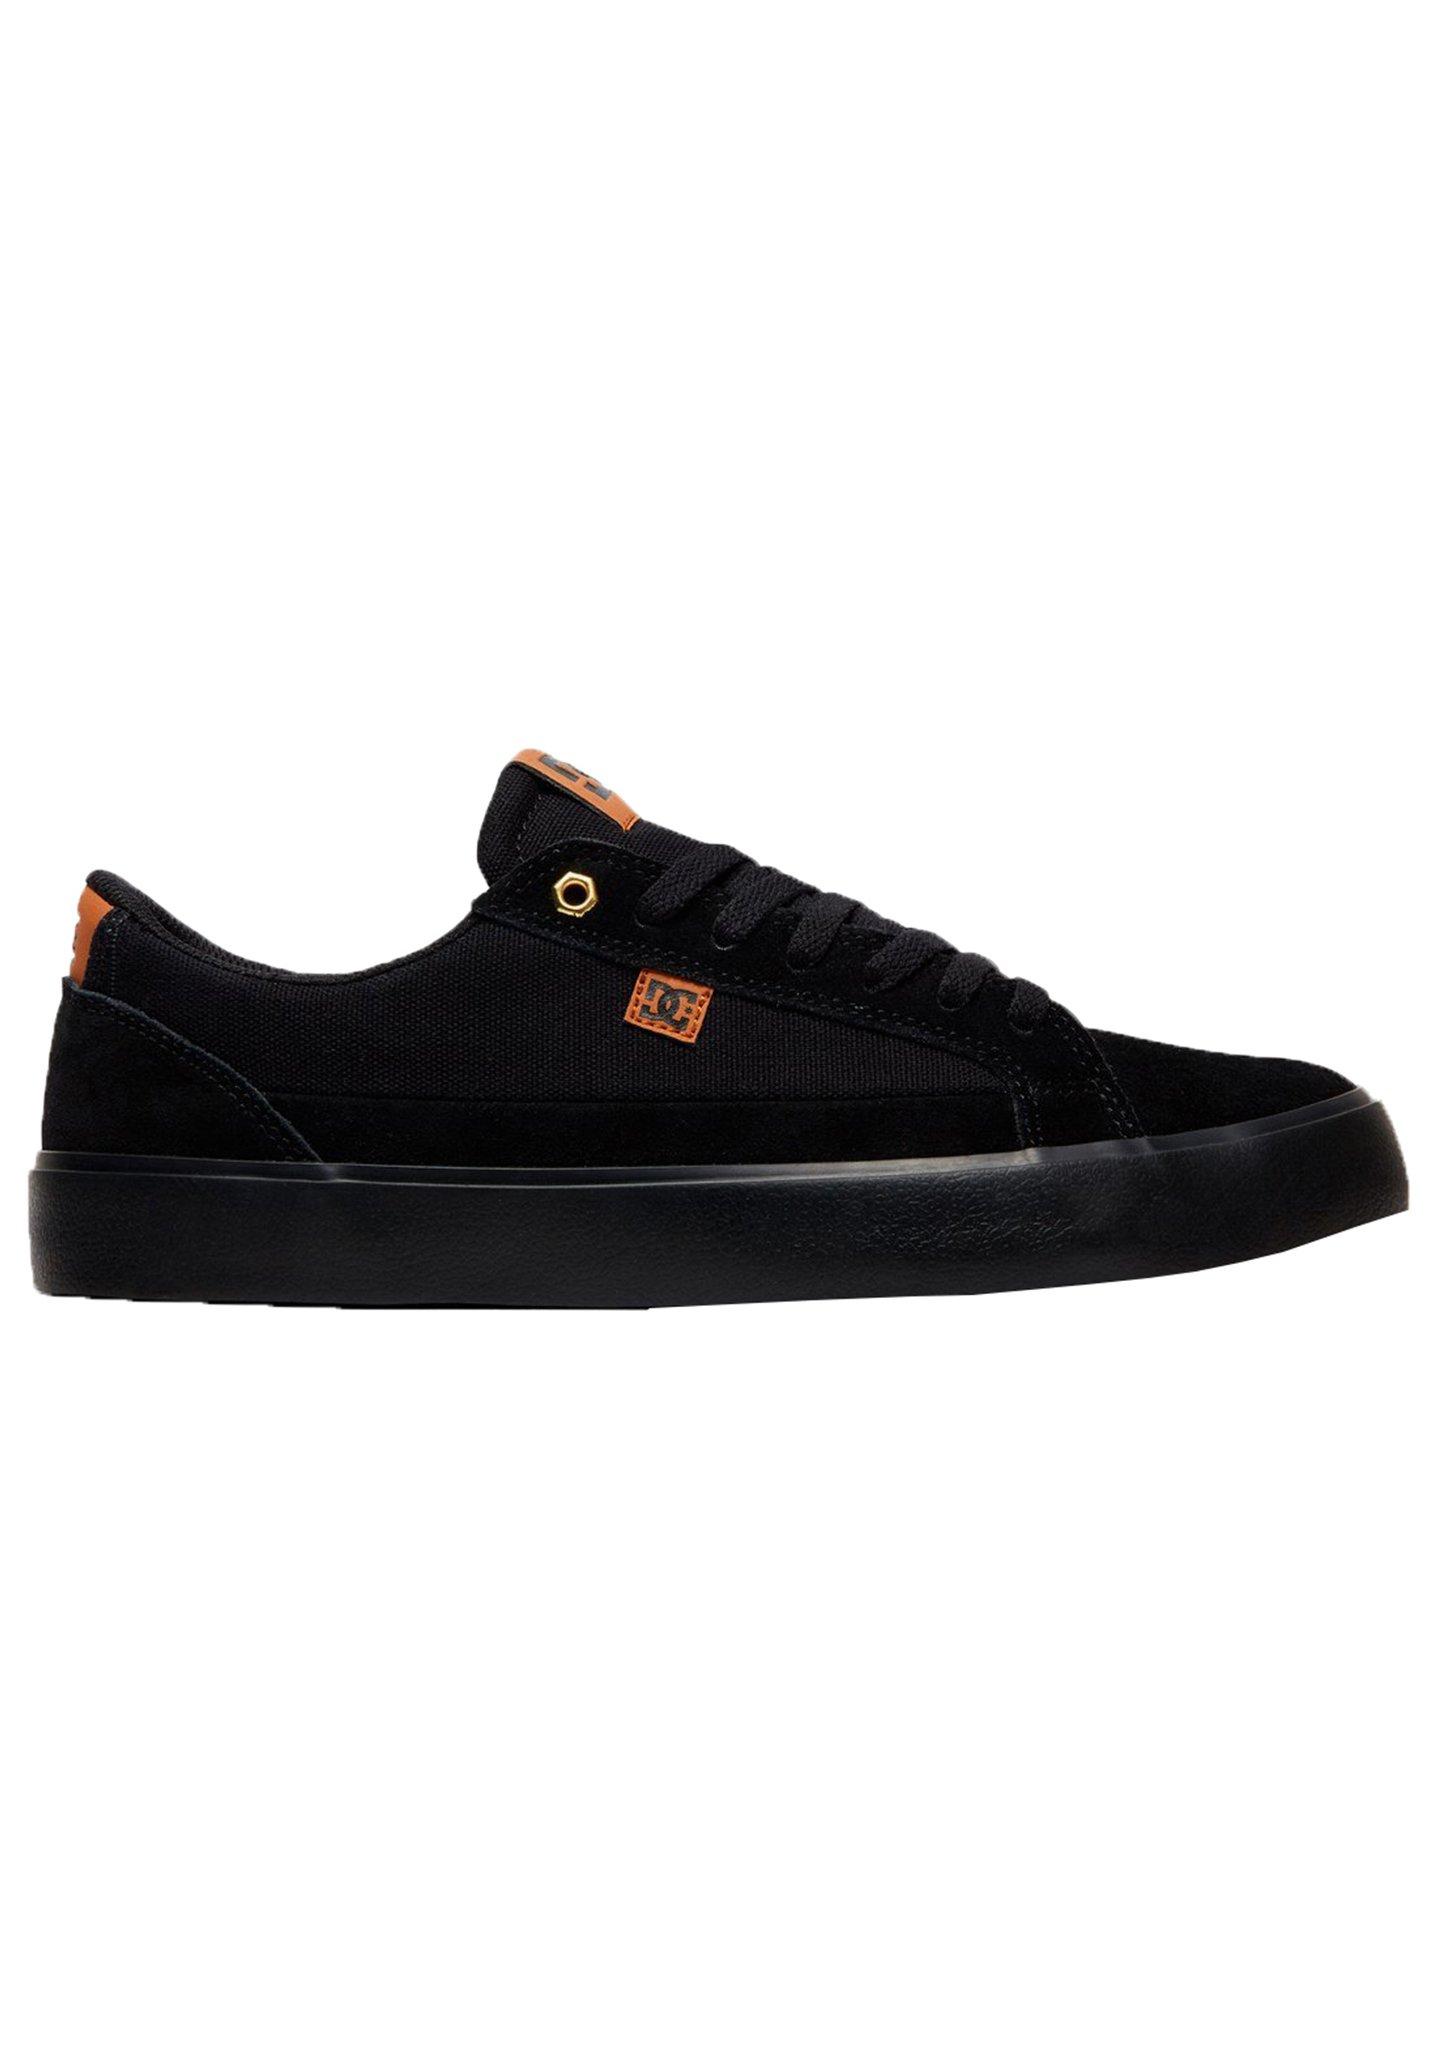 Dc Shoes Baskets Basses - Black